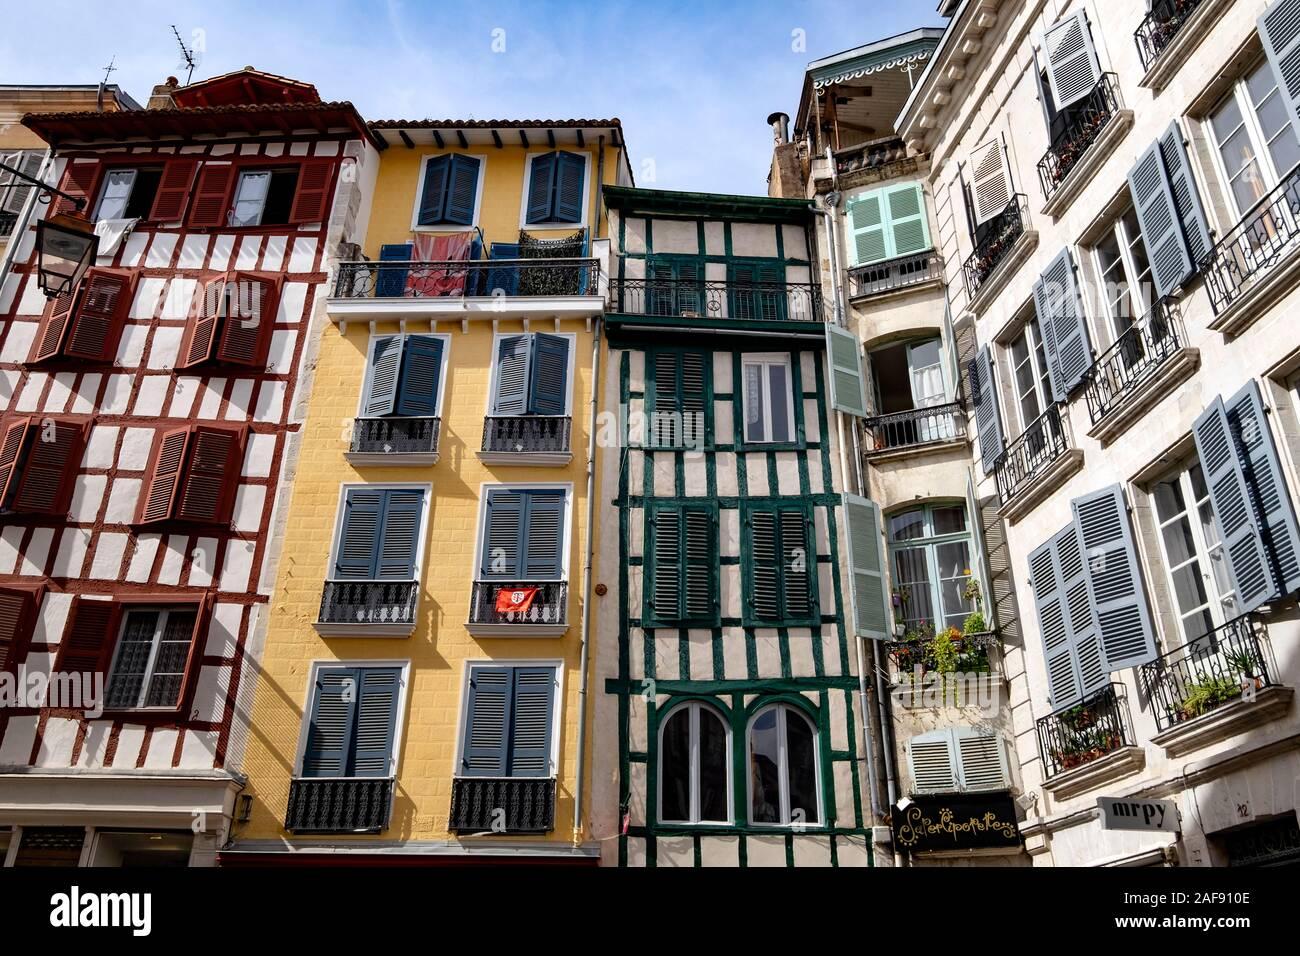 Casas tradicionales a lo largo de la Rue Argenterie, Bayona, Pirineos Atlánticos, País Vasco, Francia, Europa Foto de stock